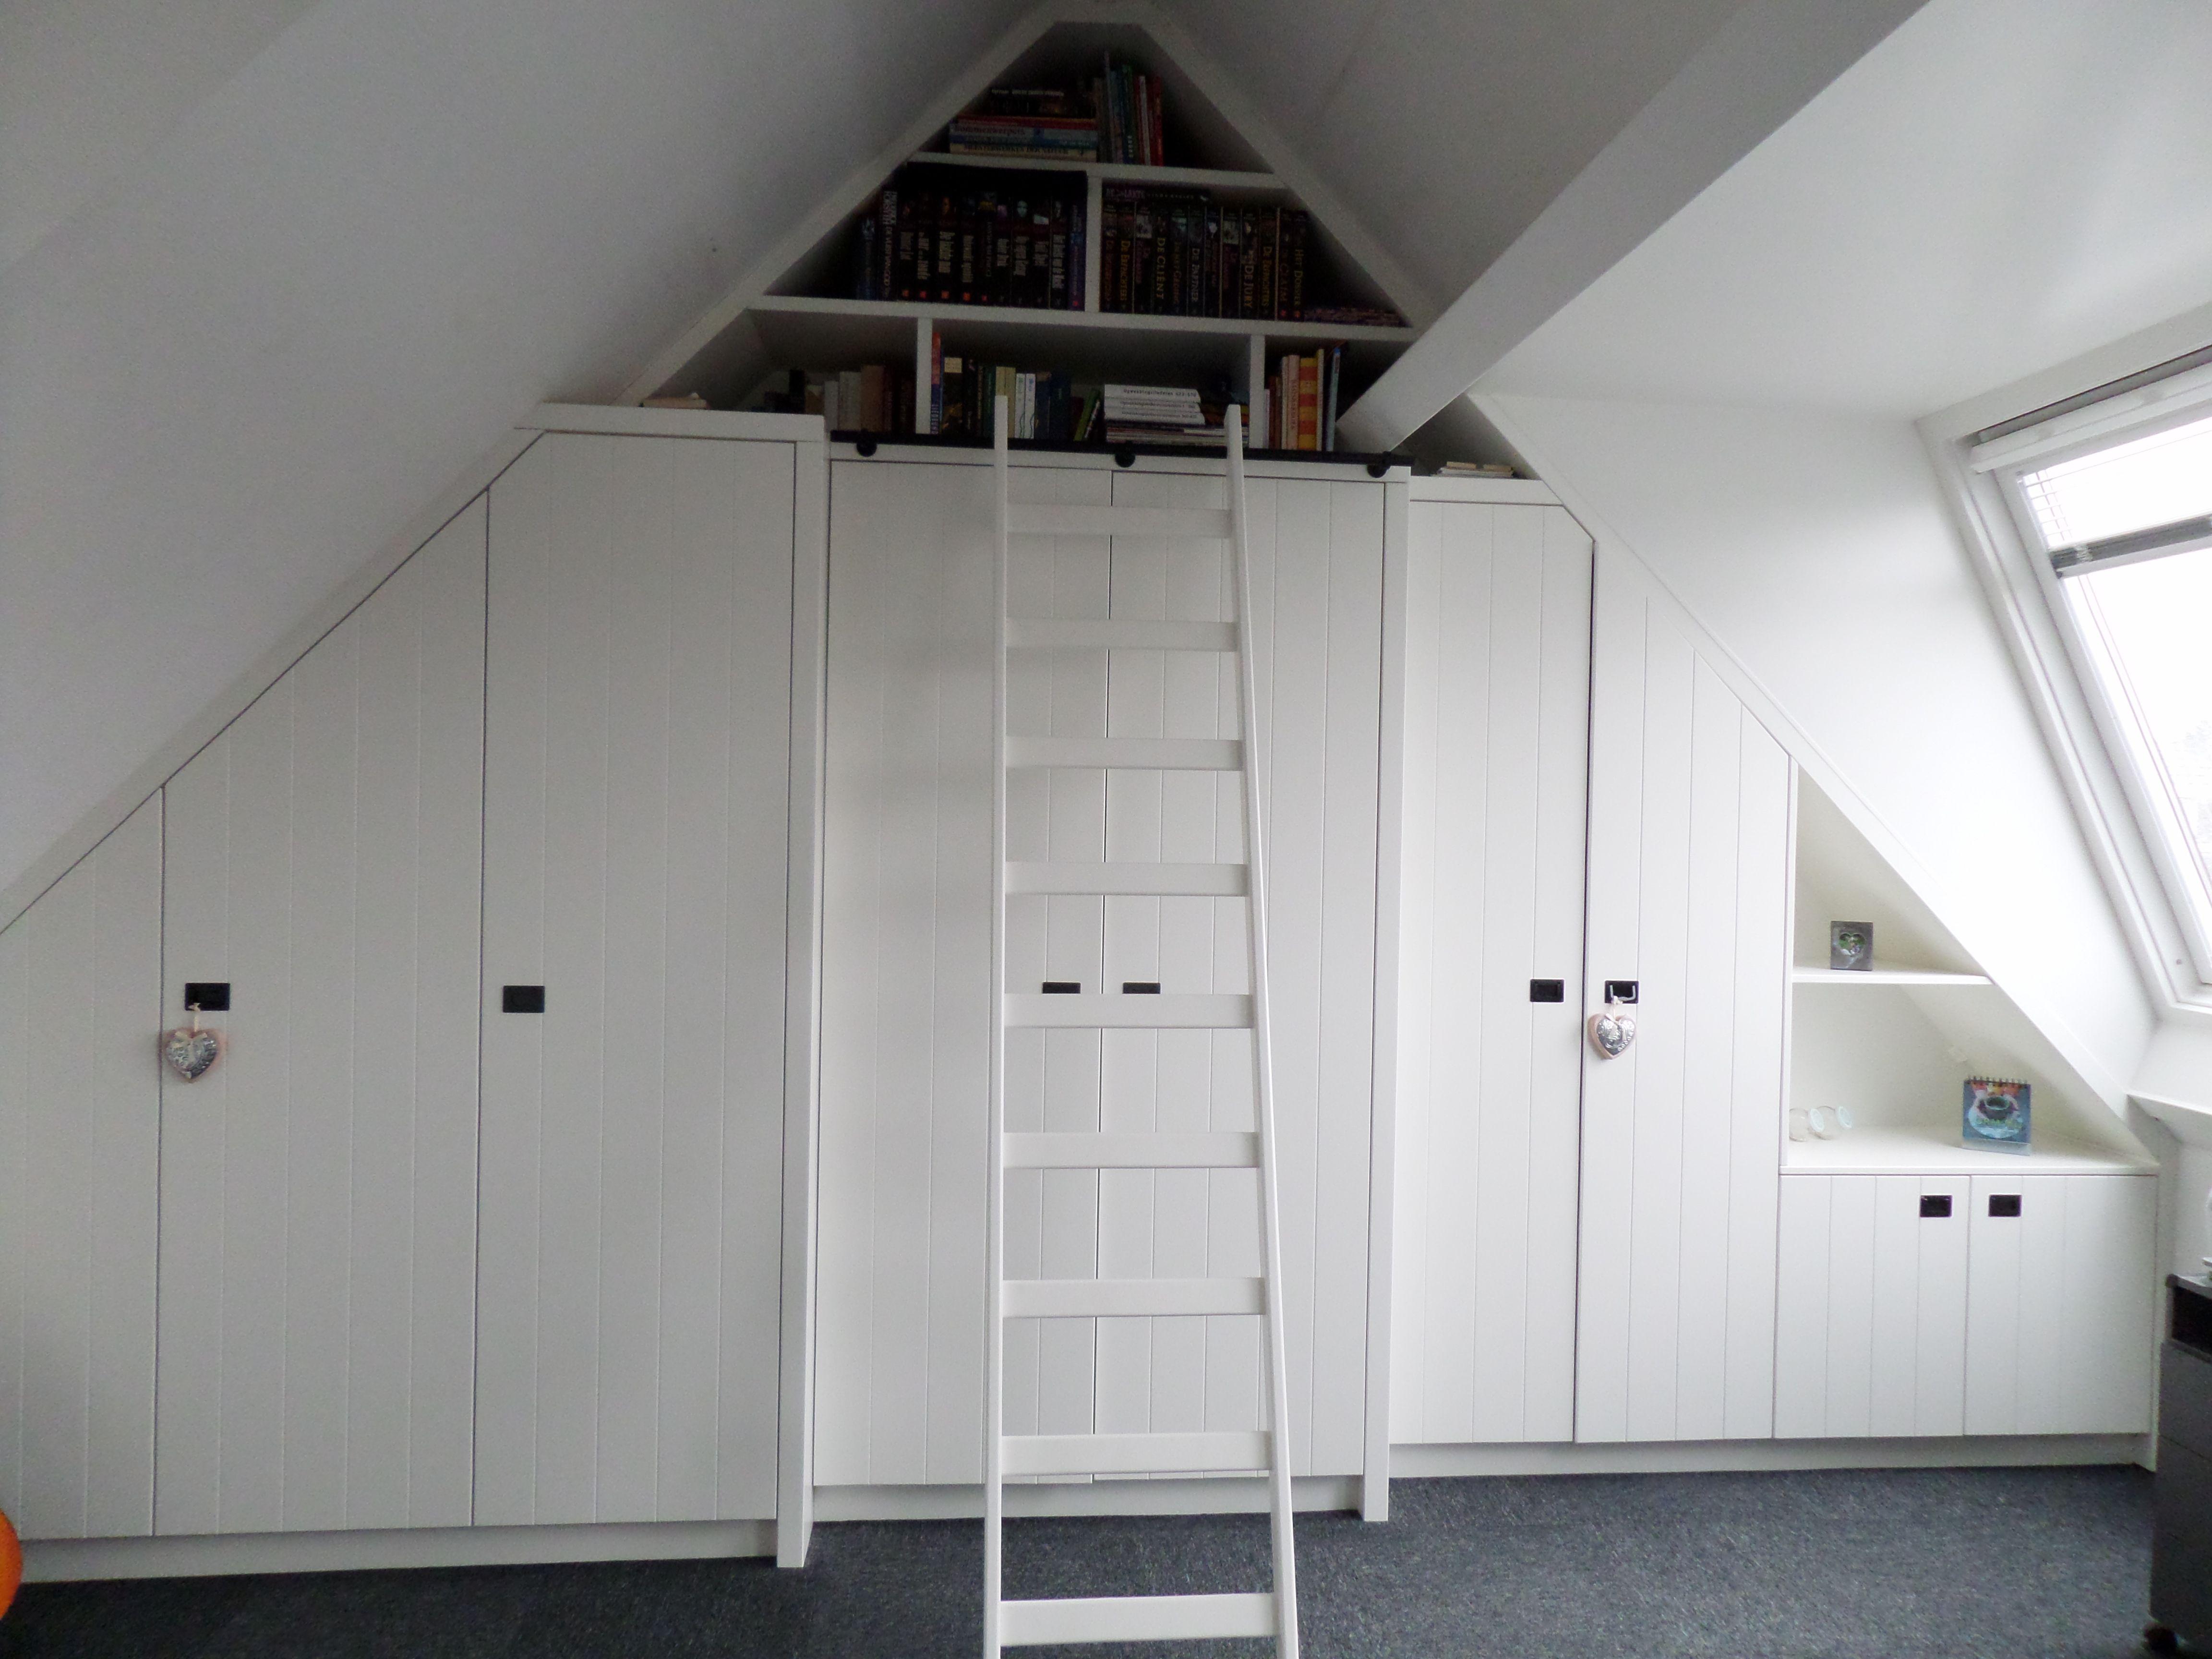 Kast In Trap : Kast inbouwkast zolder schuine punt schuine kant kast ladder trap